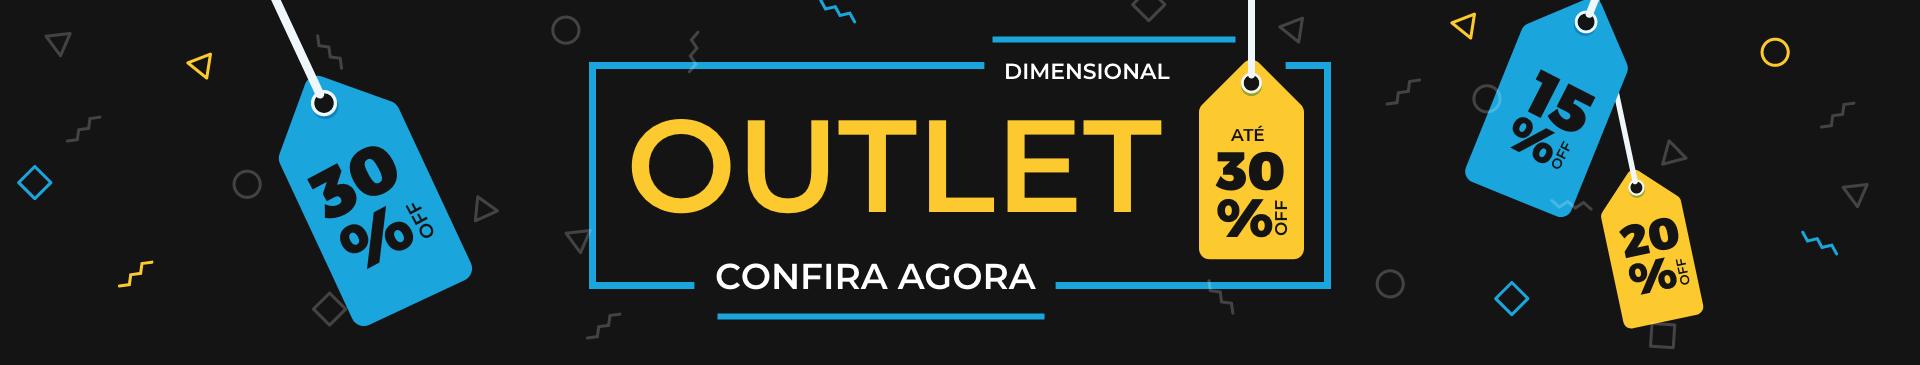 Banner 3 - Outlet